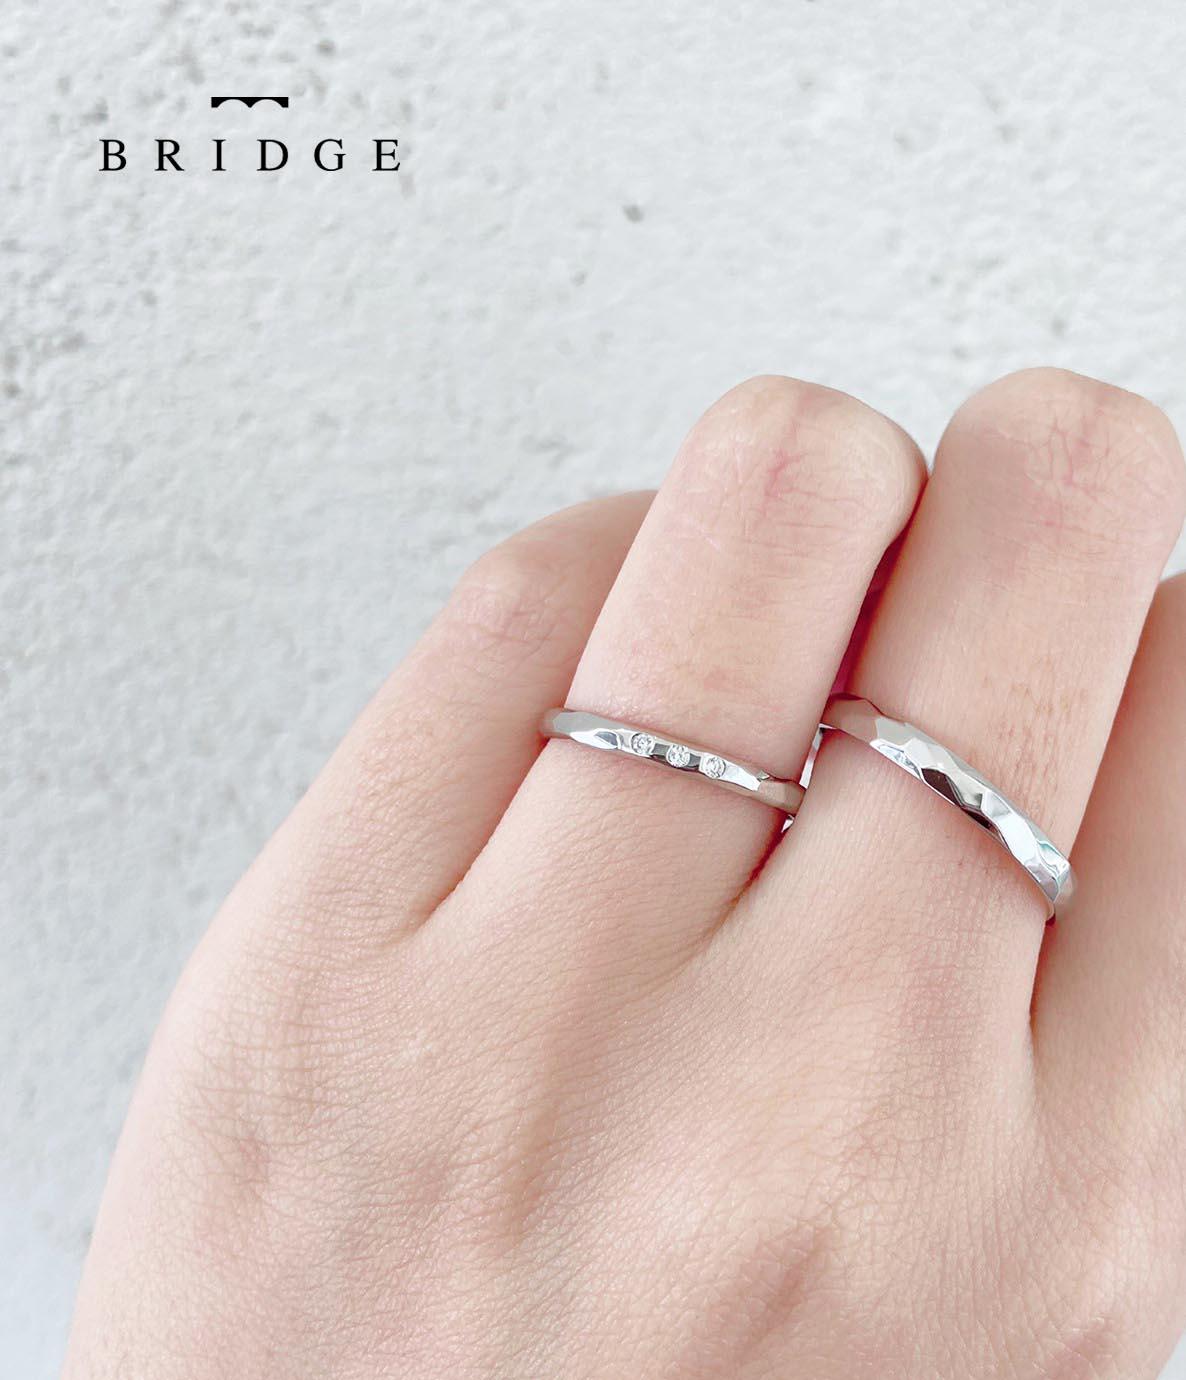 槌目仕上で美しい水面を表現した繊細な結婚指輪マリッジリングが銀座で人気、太めマリッジリングの幅アレンジも可能